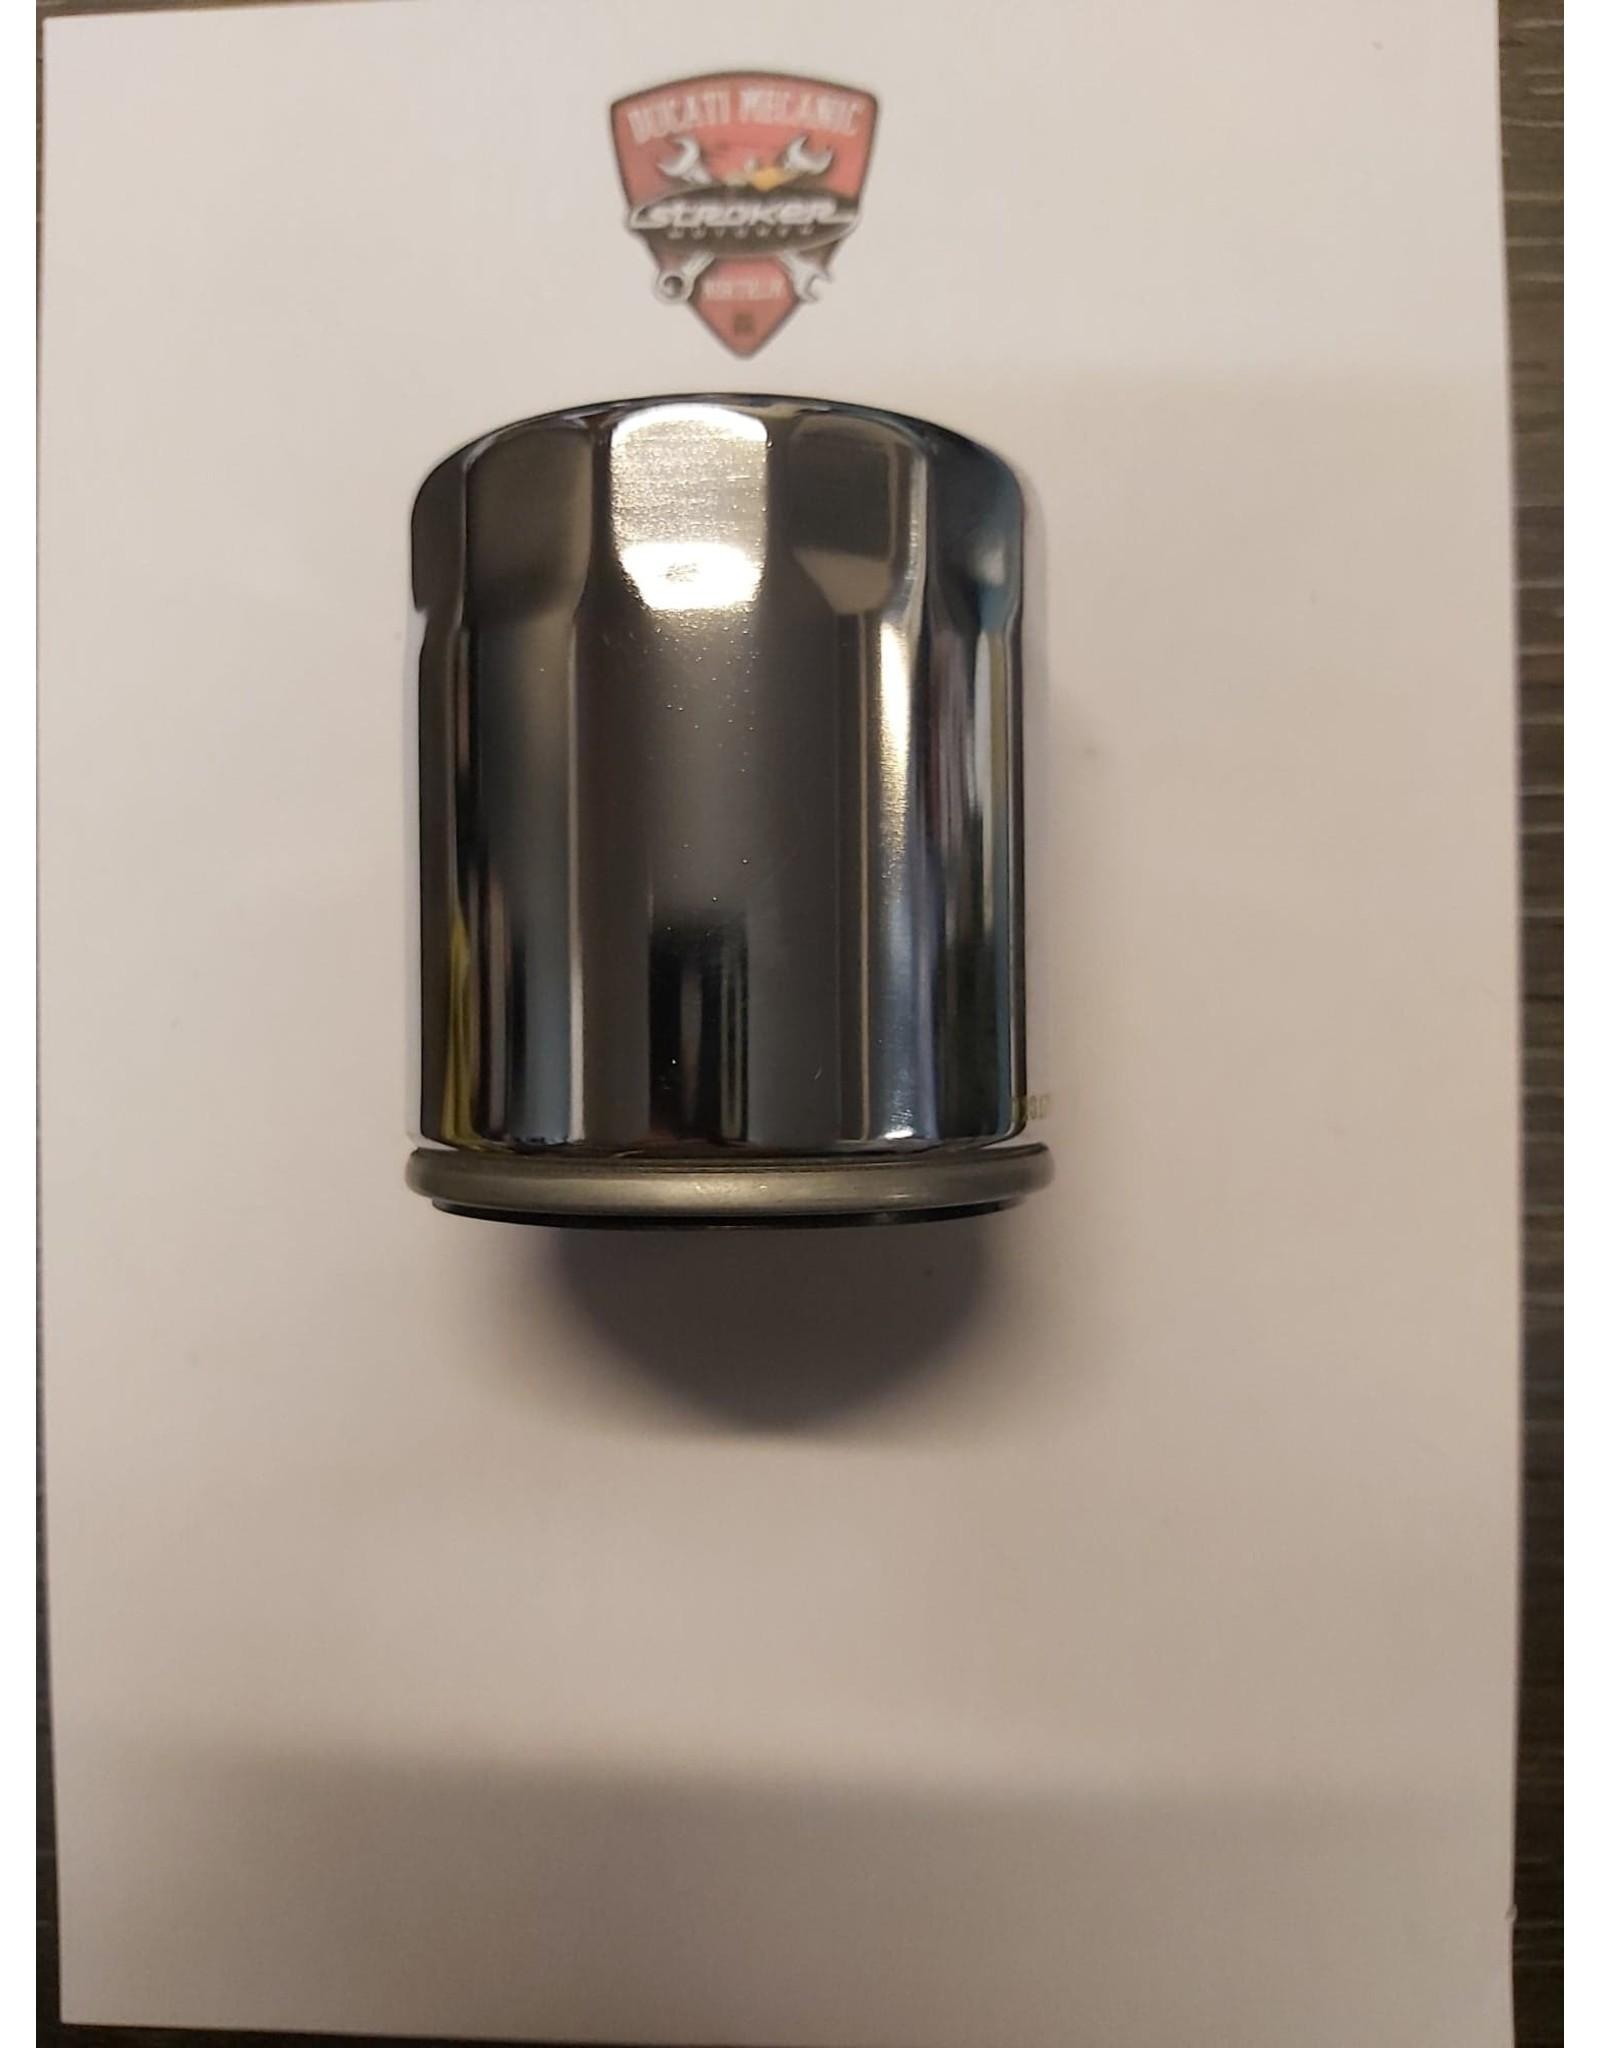 HIFLO FILTRO OLIEFILTER HF 174 C